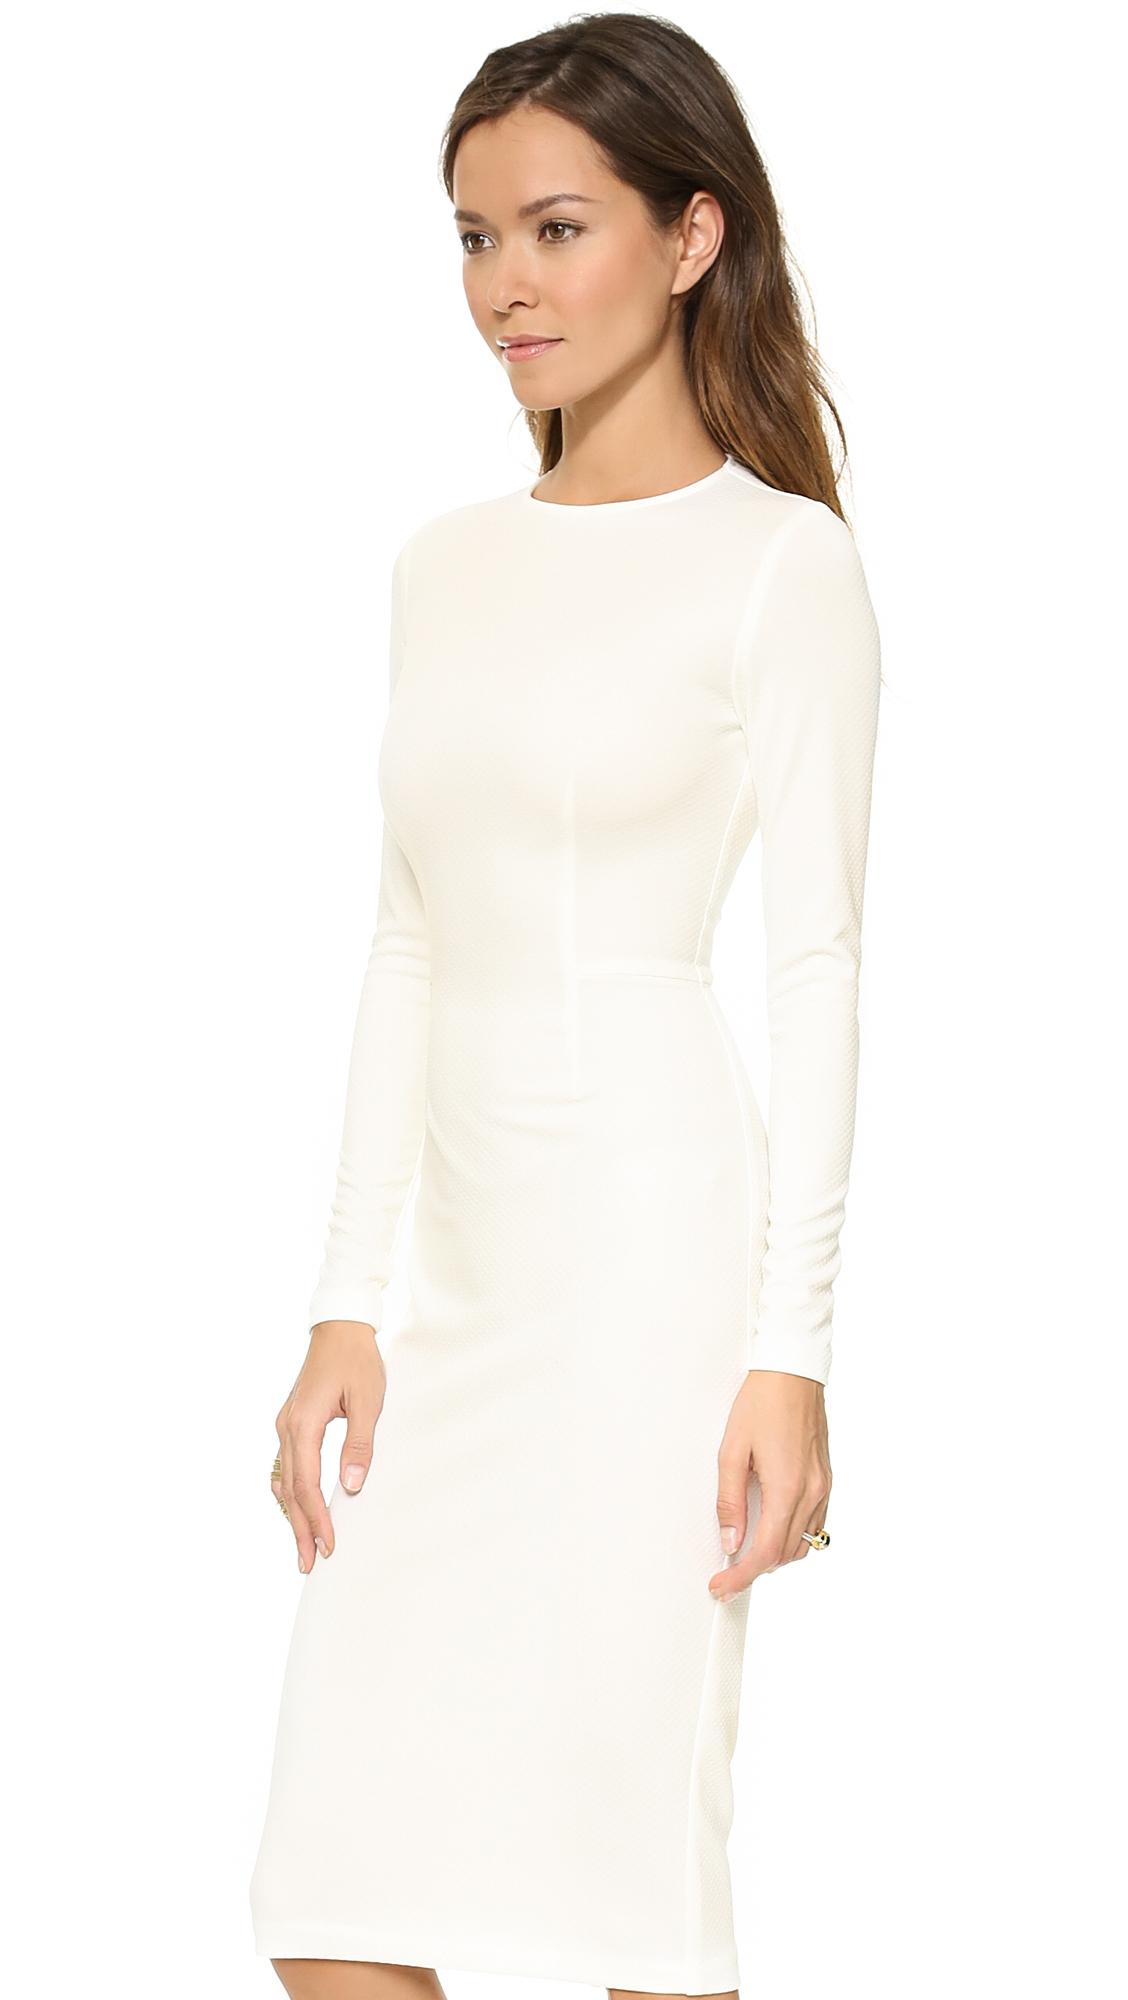 Wedding White Long Sleeve Dress 5th mercer long sleeve dress in white lyst gallery